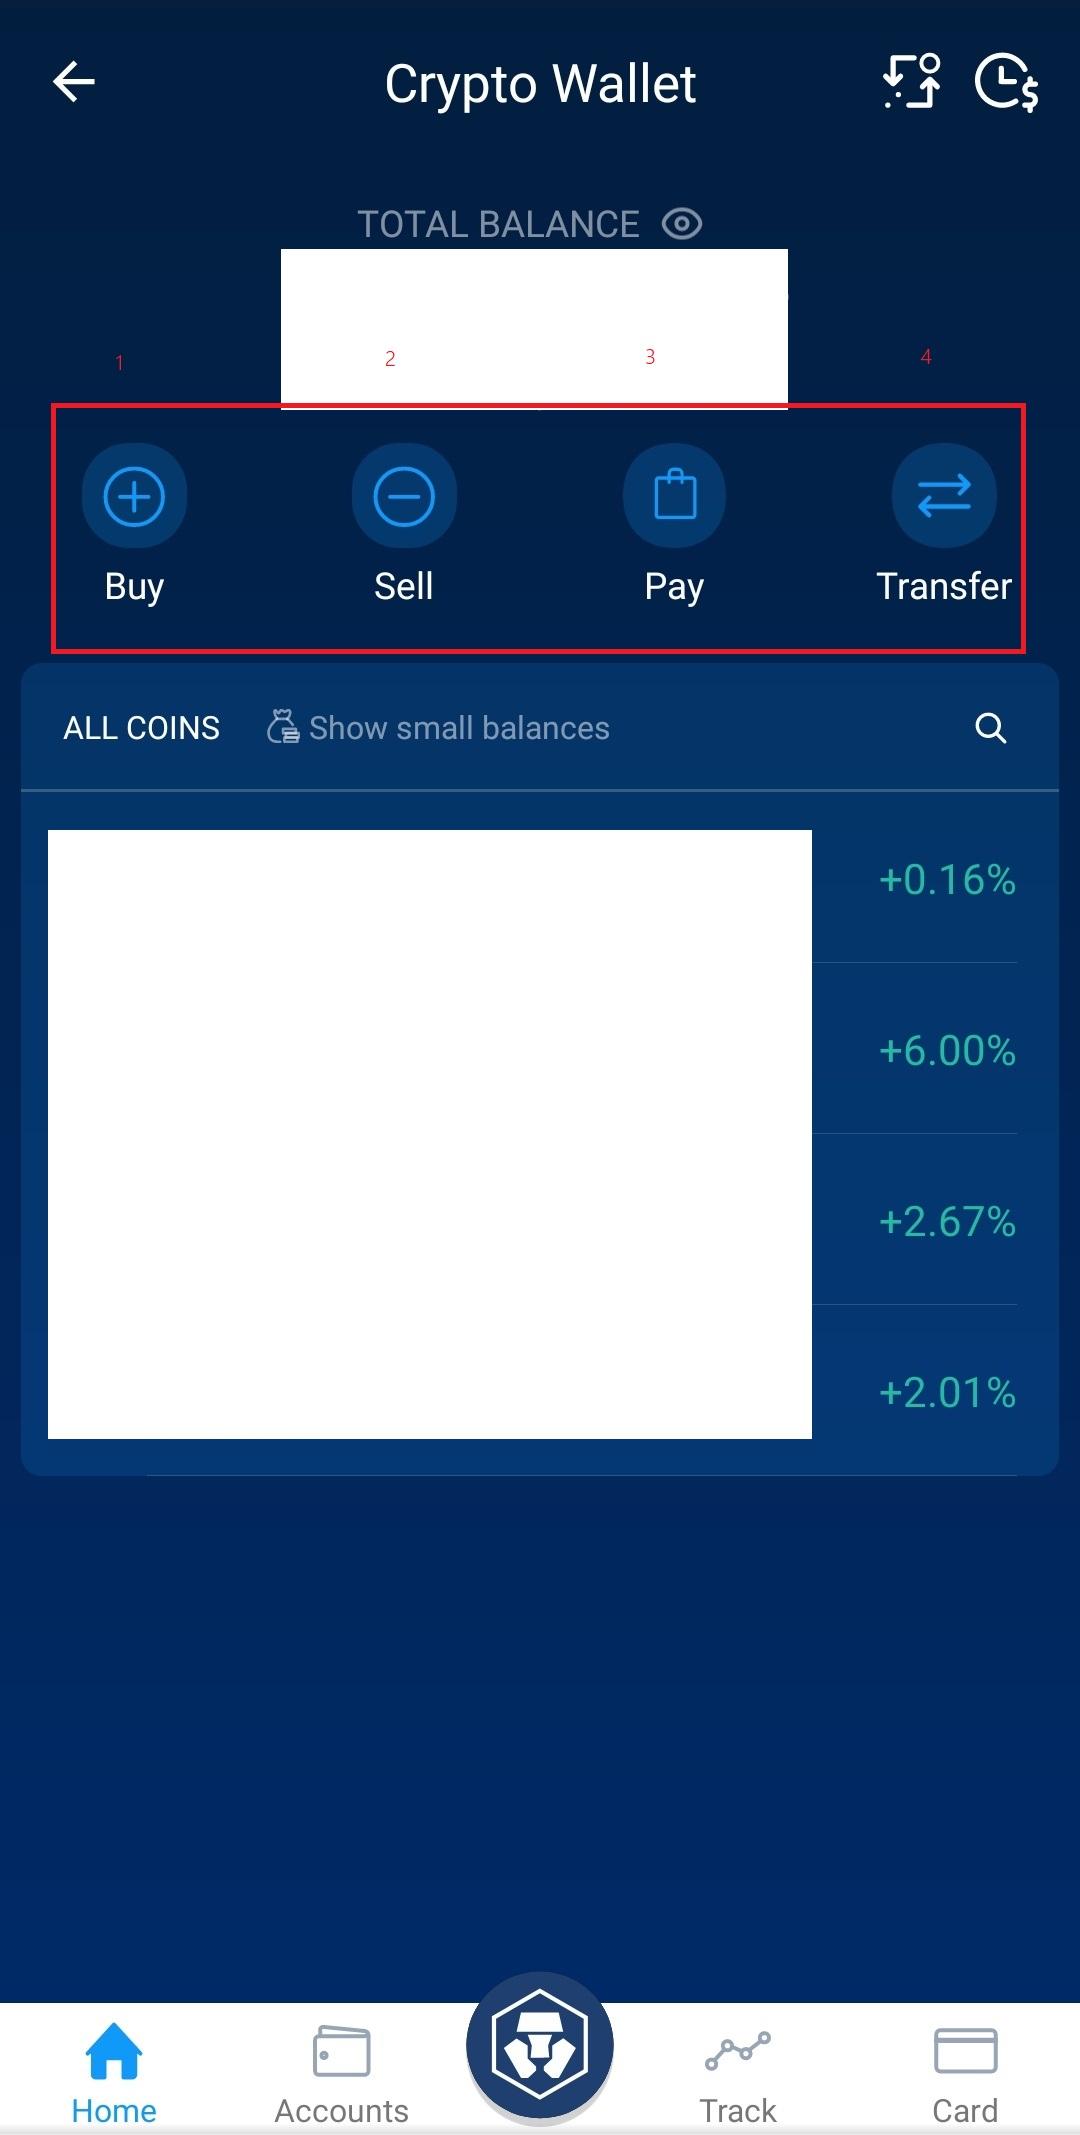 Crypto wallet crypto.com